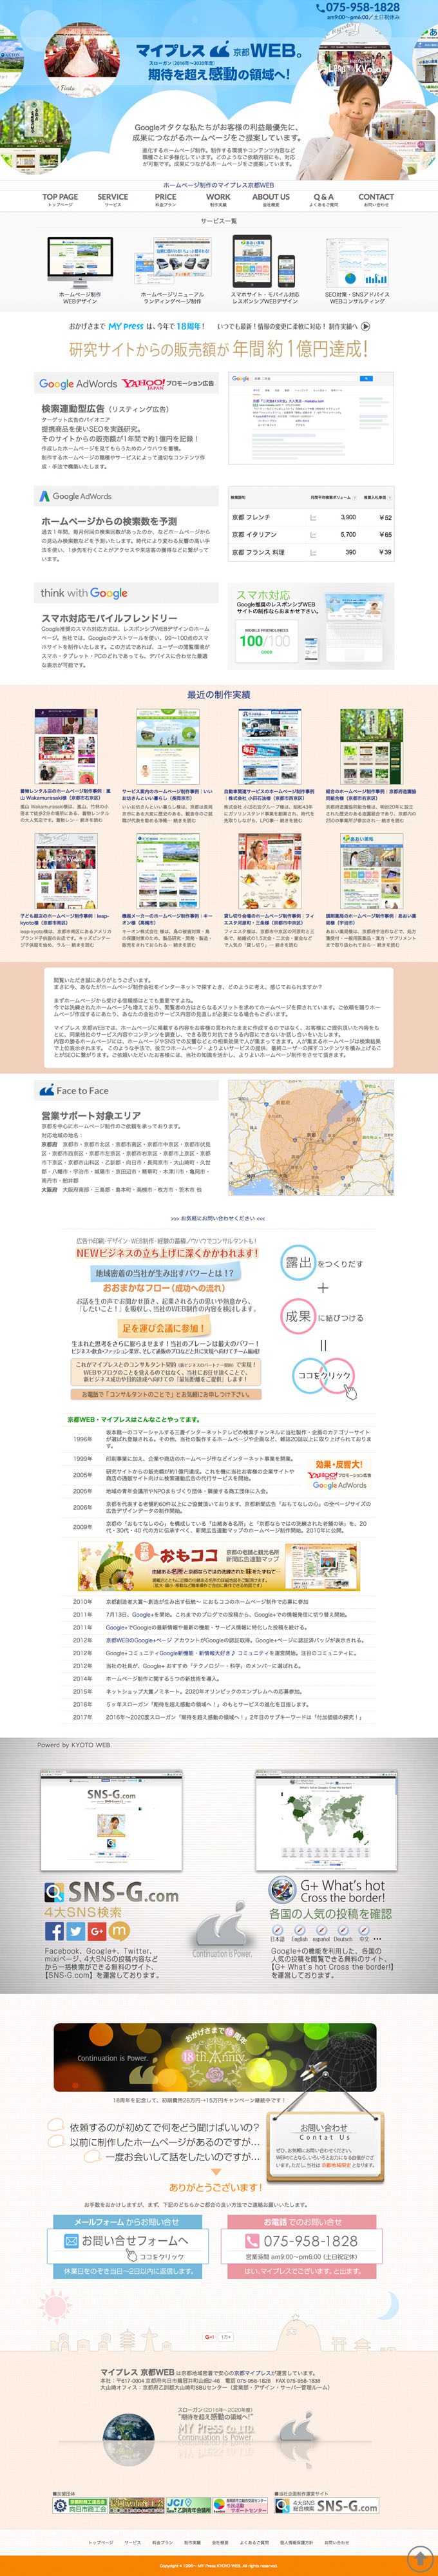 マイプレス京都WEBのホームページ